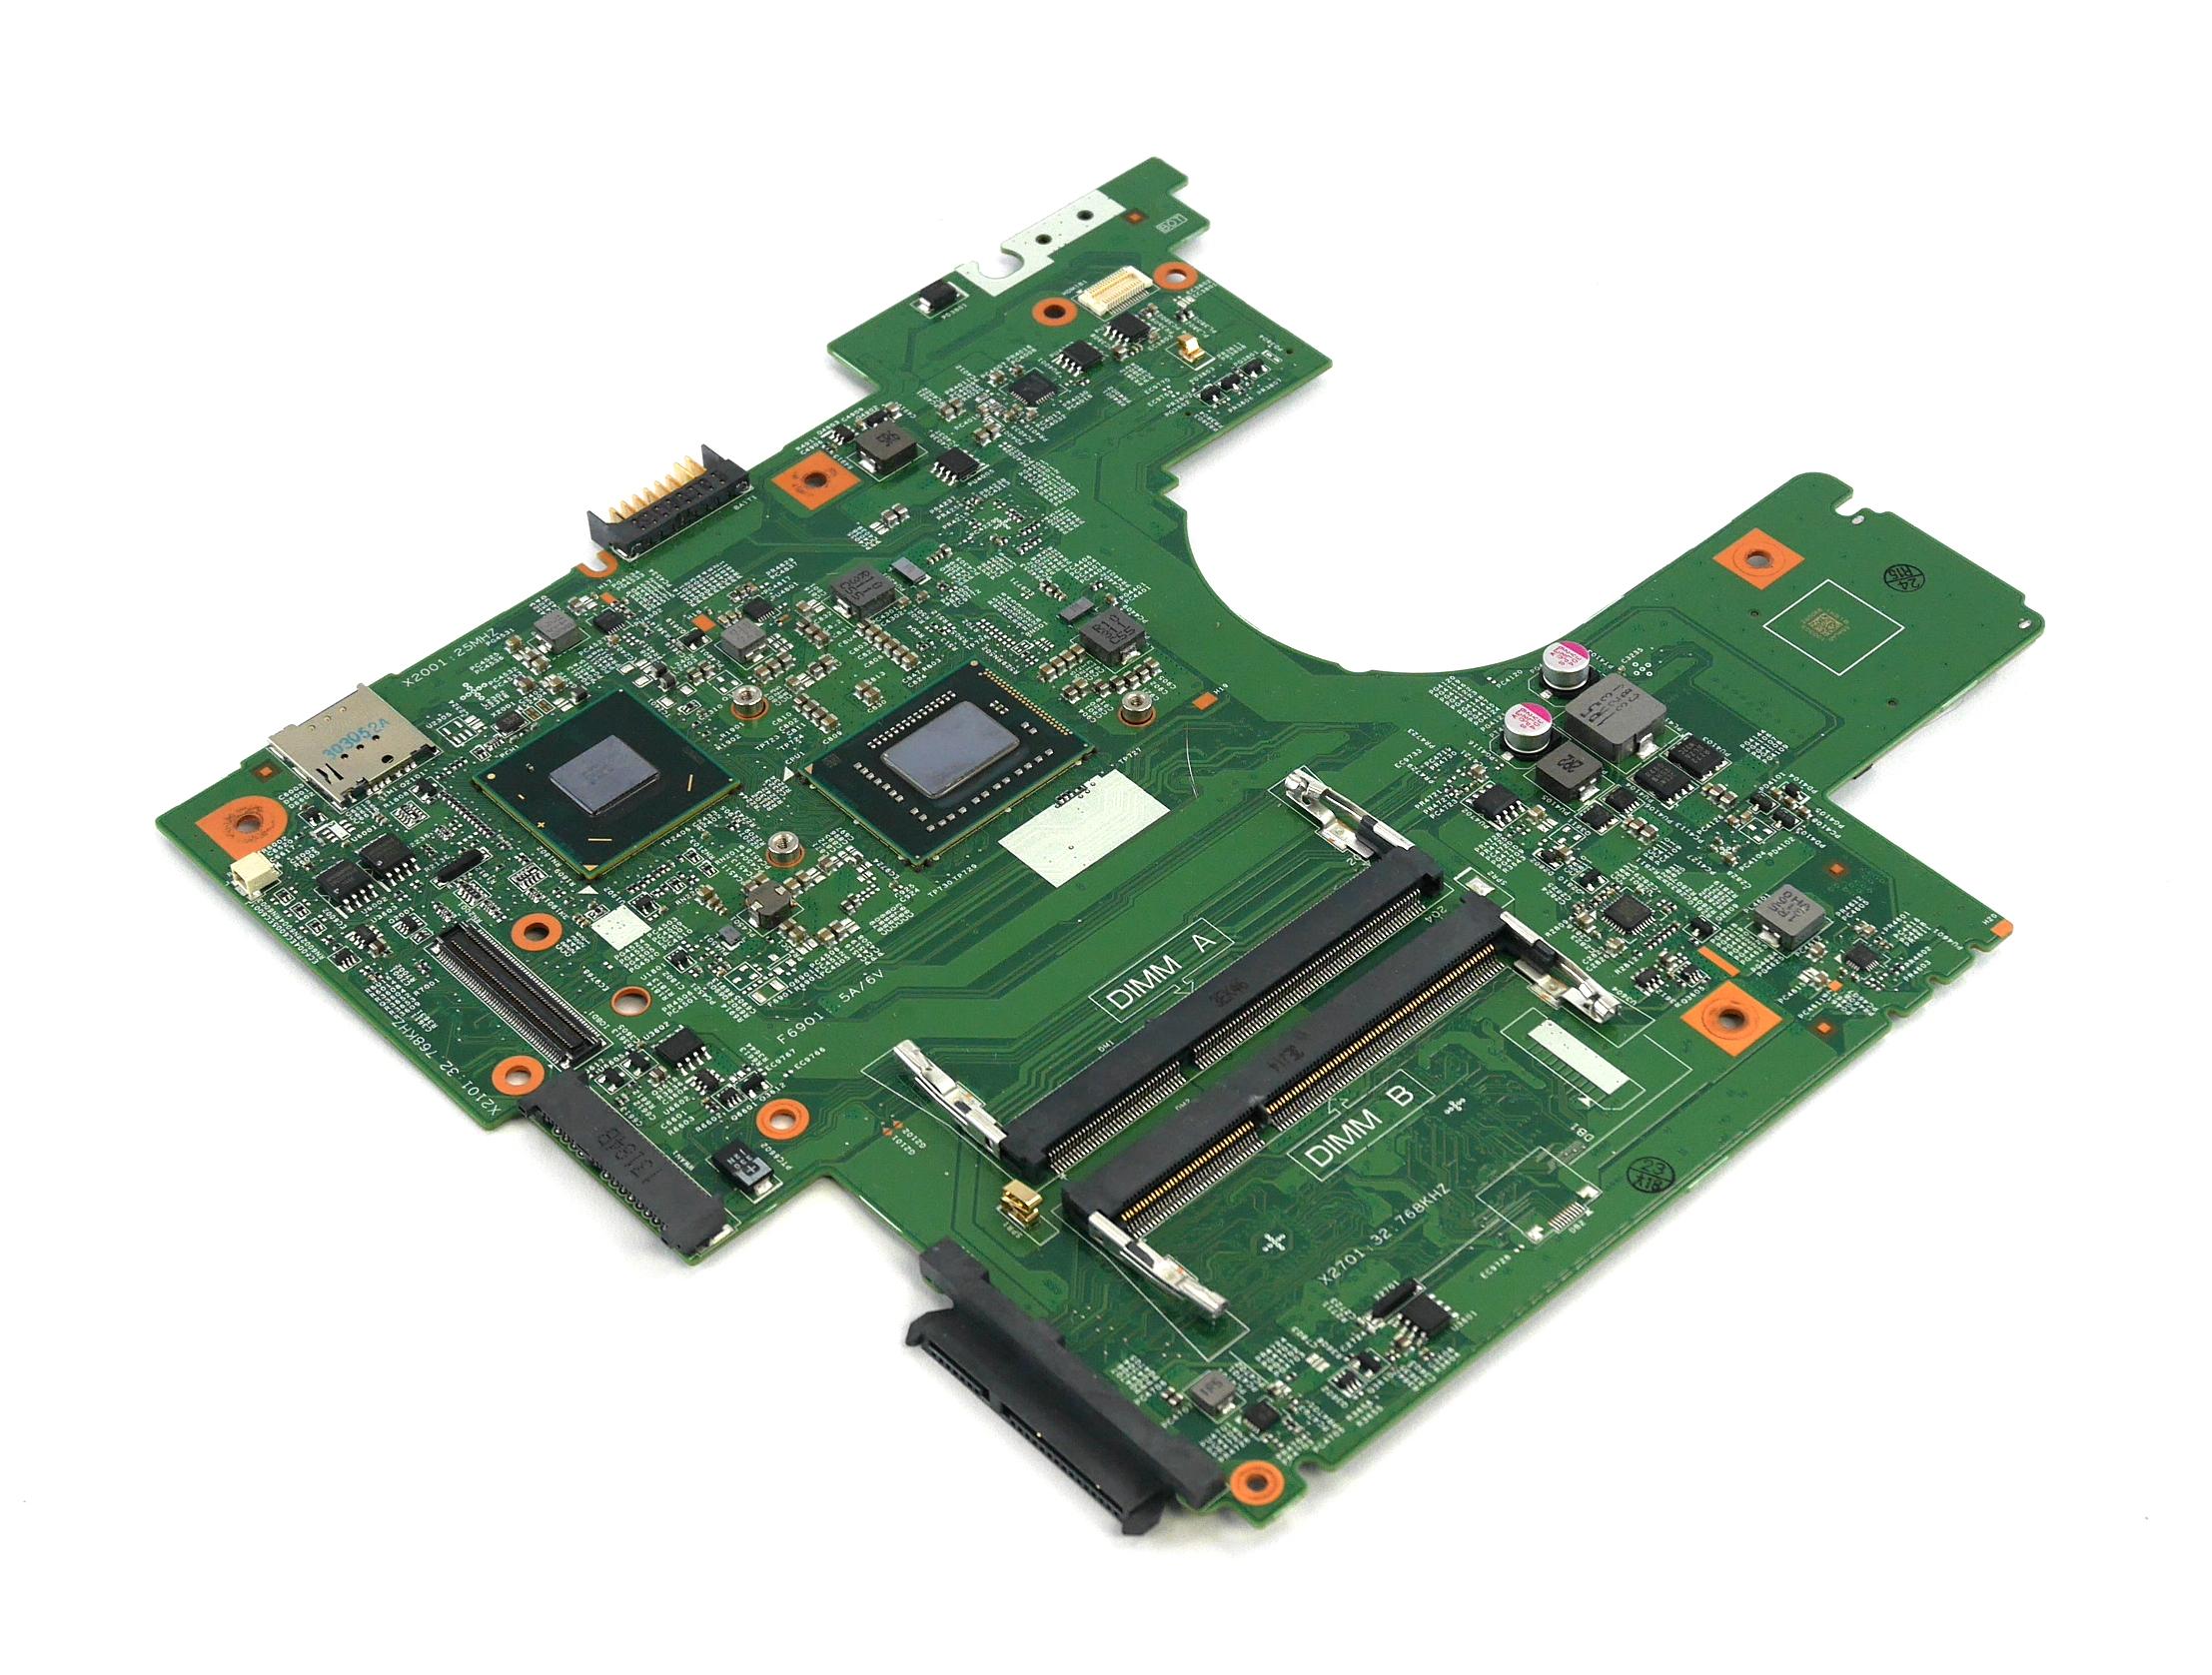 Dell 4NRW8 Latitude 3330 Motherboard with BGA Intel Core i3-2375M Processor